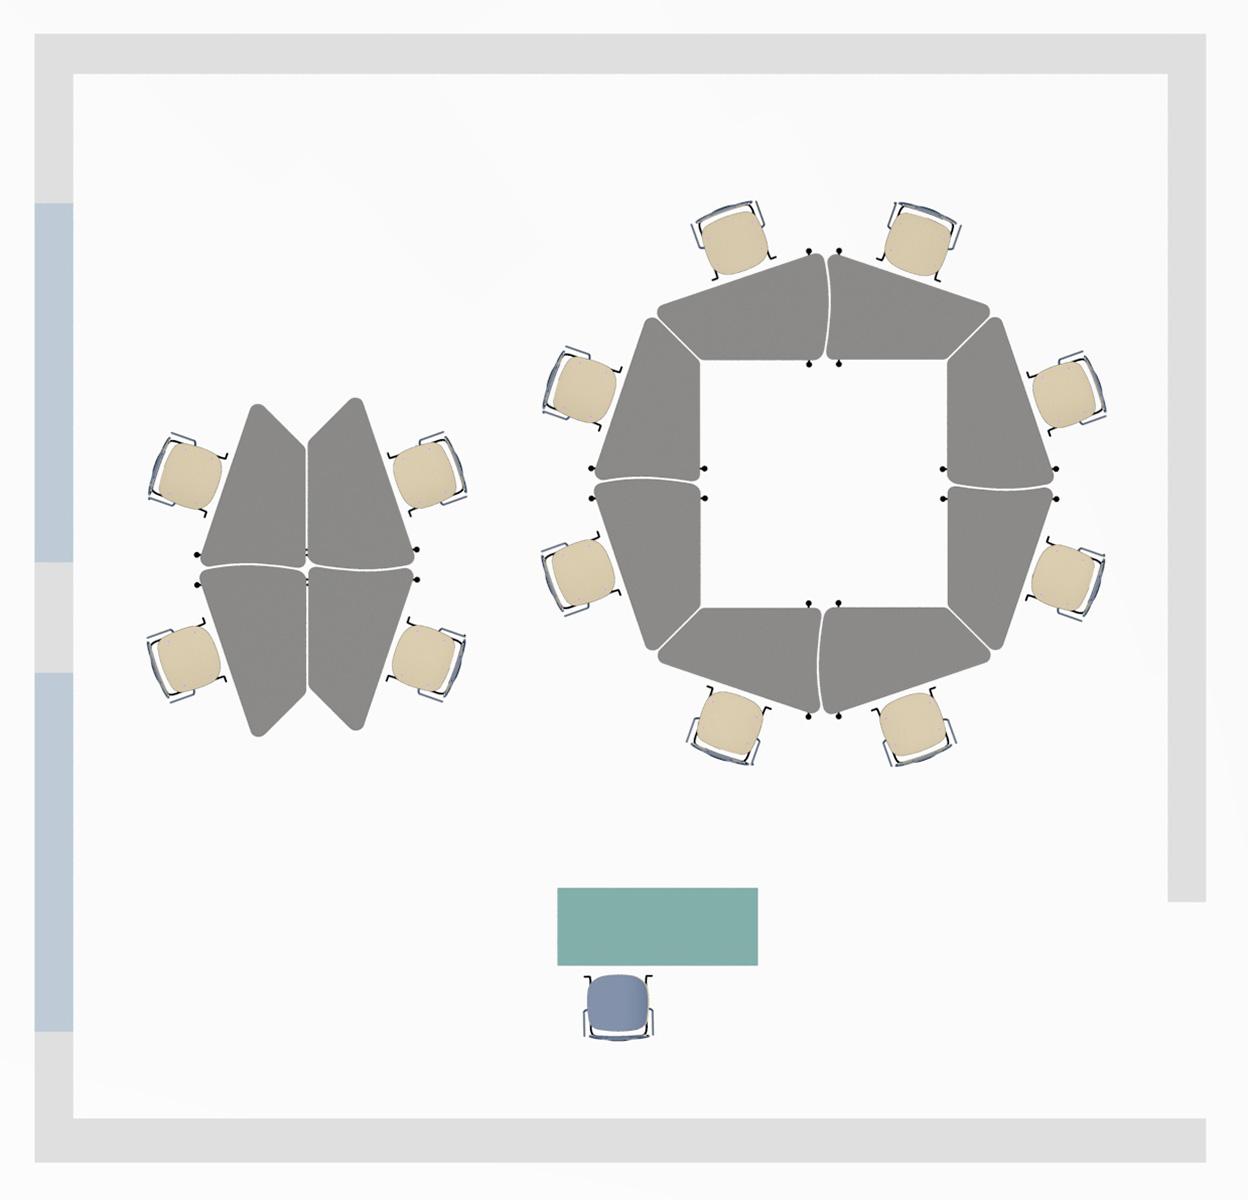 Kruhové opěradlo, dekoritový sedák a opěradlo